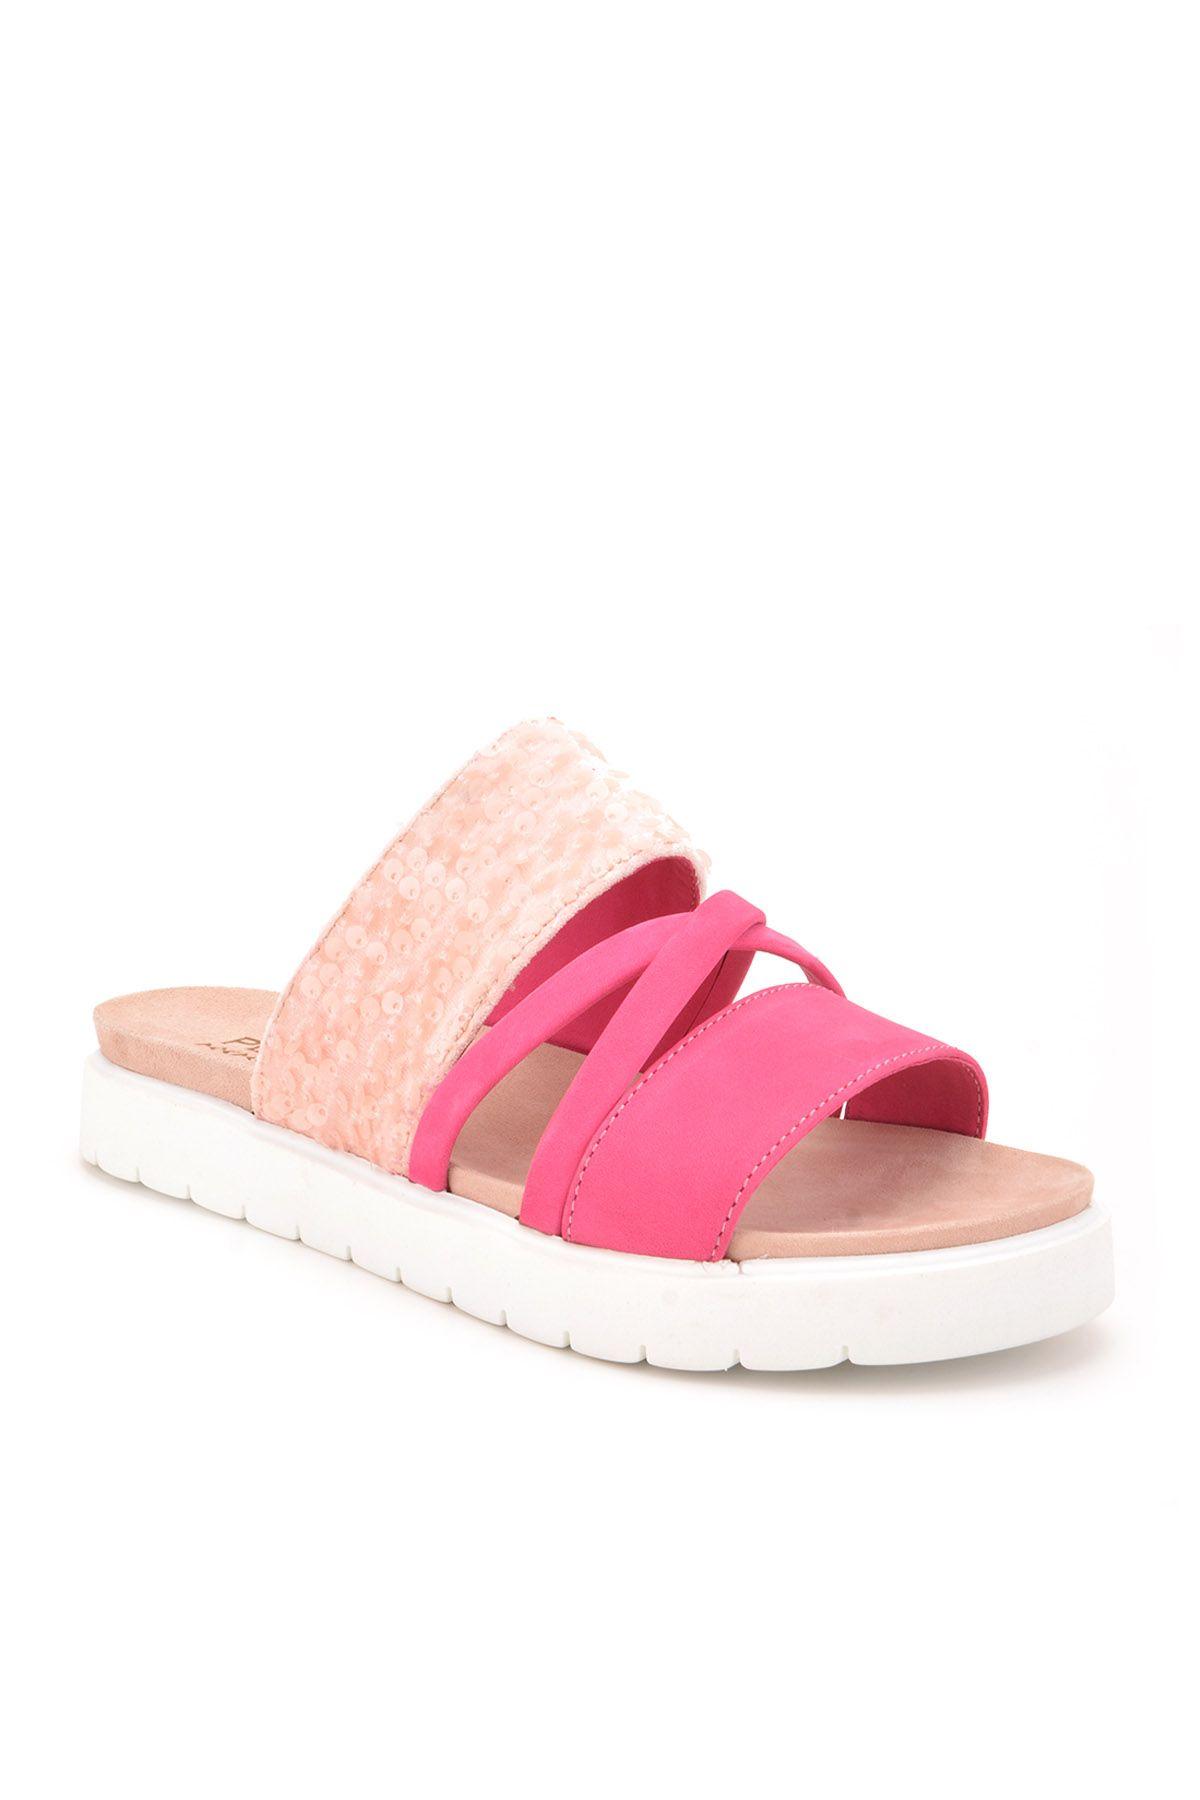 Pegia Alesia Женские Тапочки Из Натуральной Кожи REC-005 Розовый